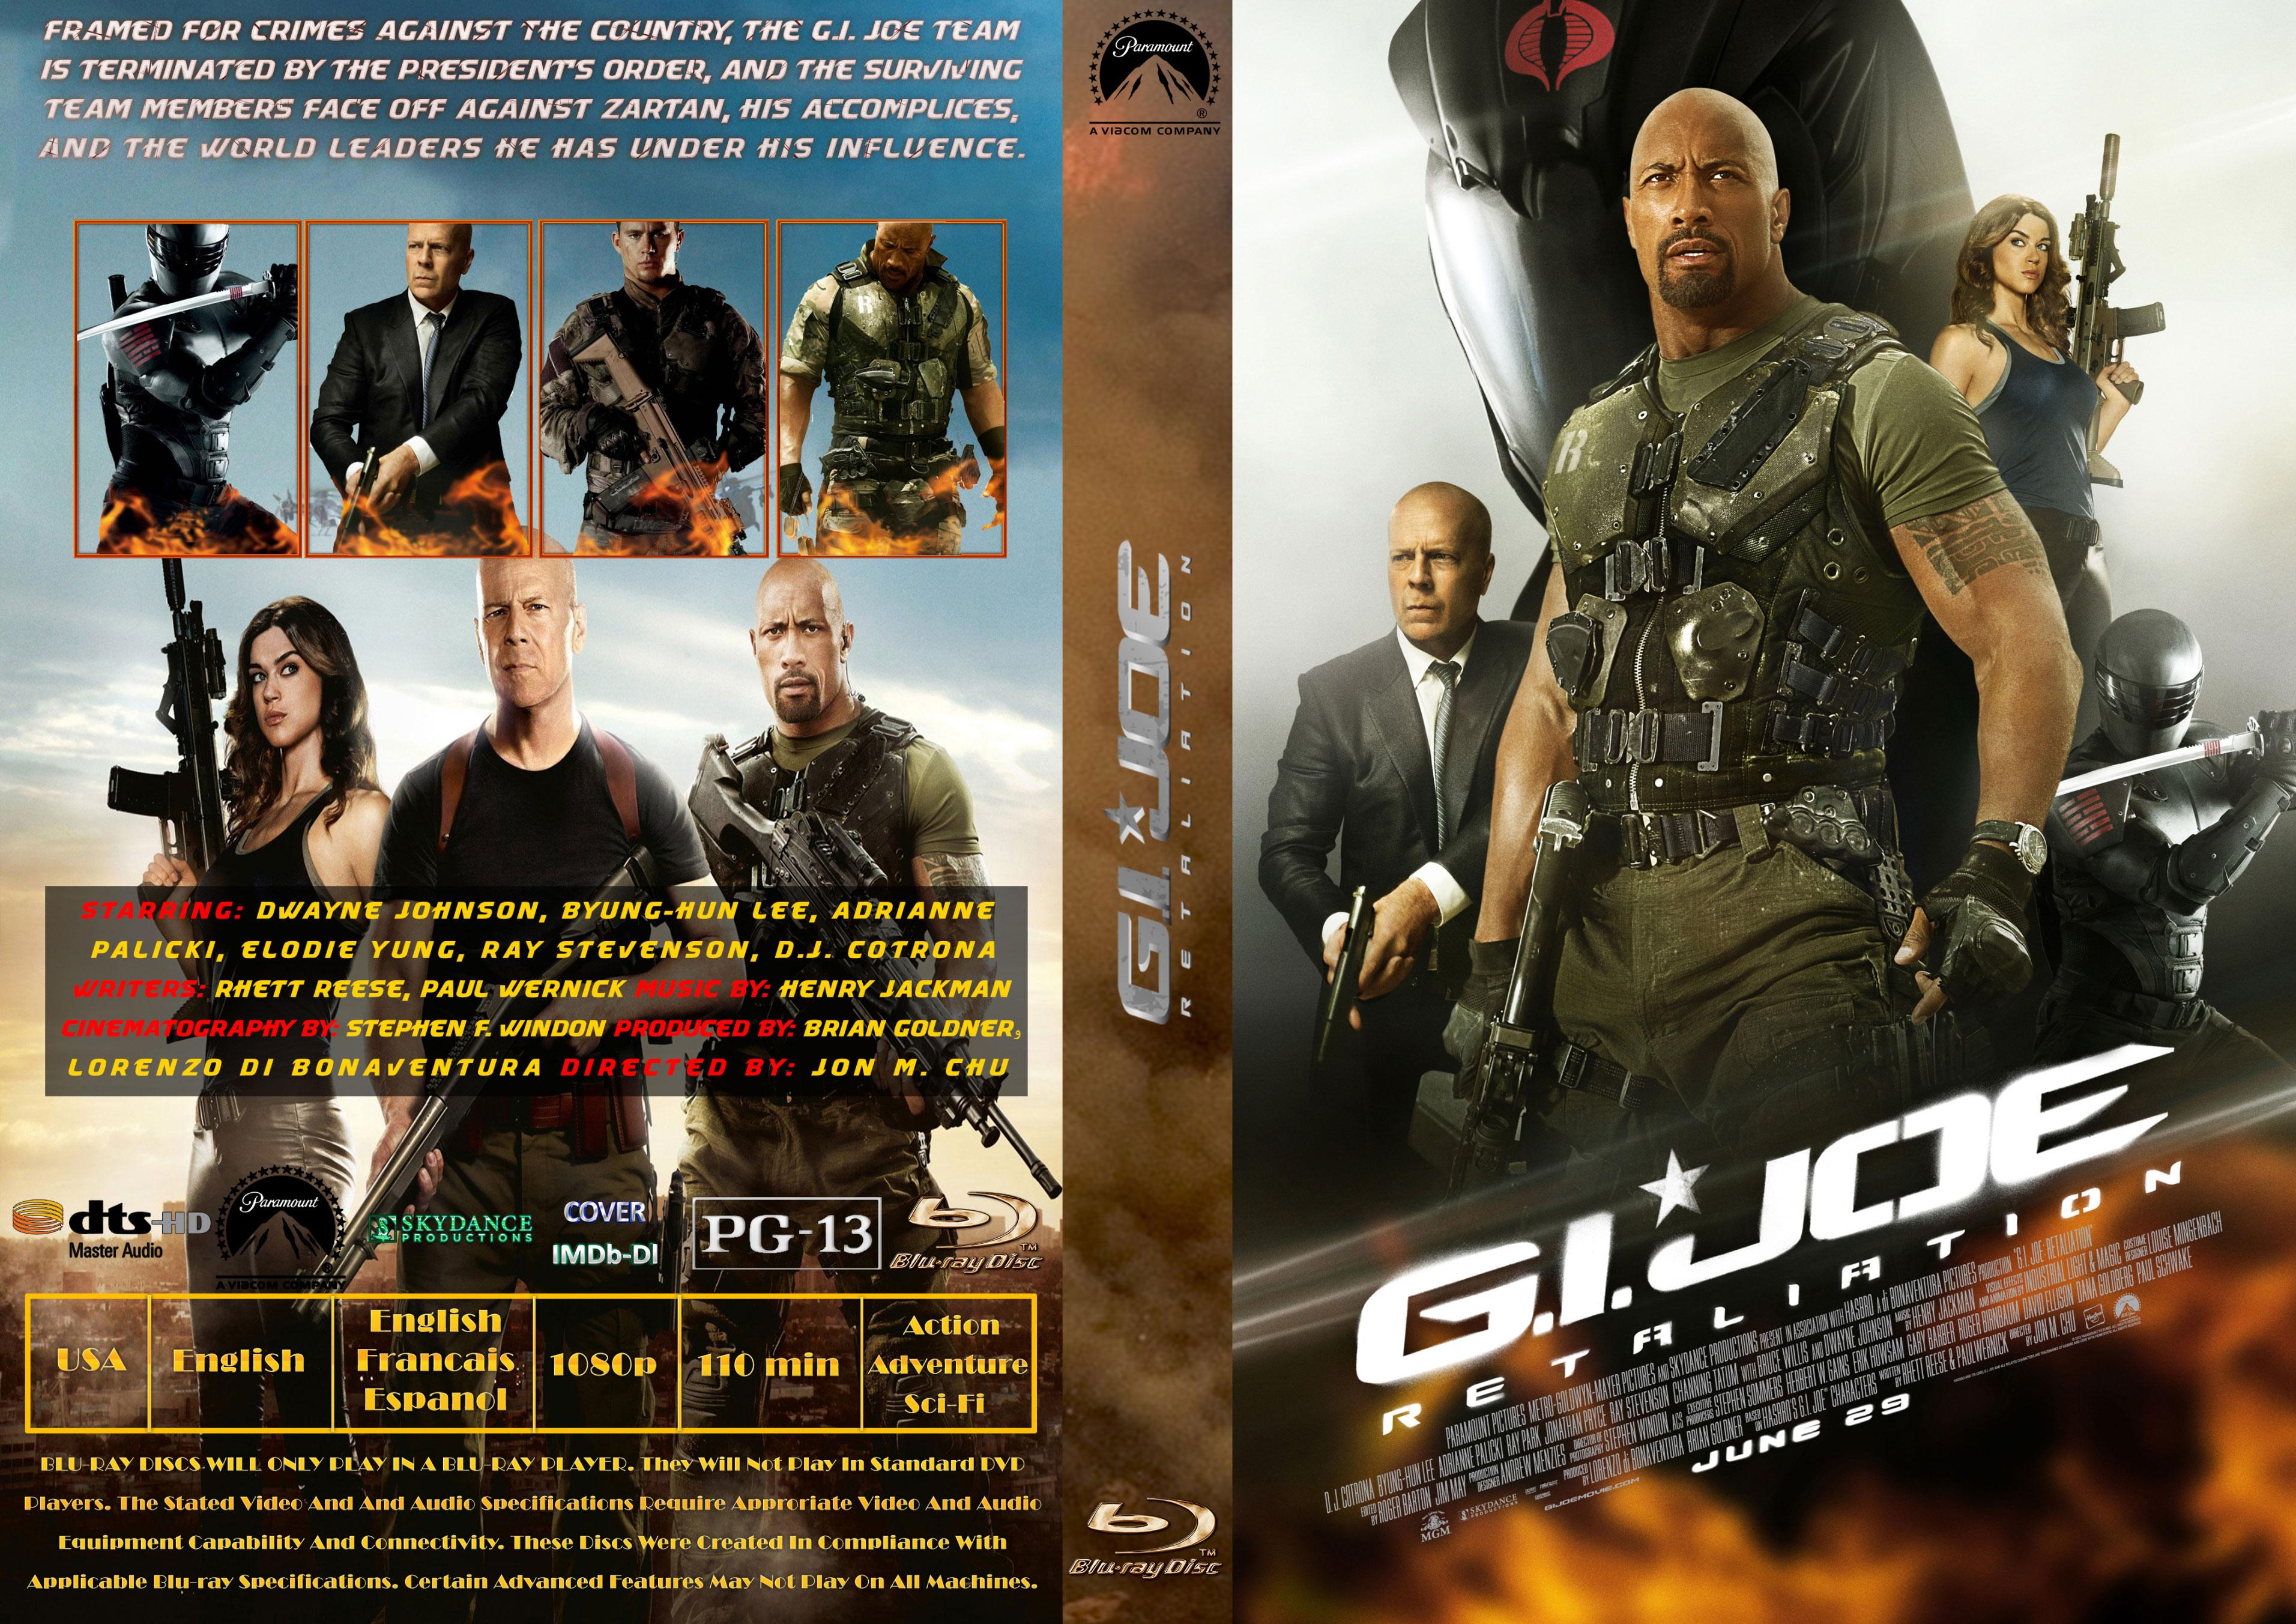 Covers Box Sk G I Joe Retaliation 2013 Imdb Dl High Quality Dvd Blueray Movie